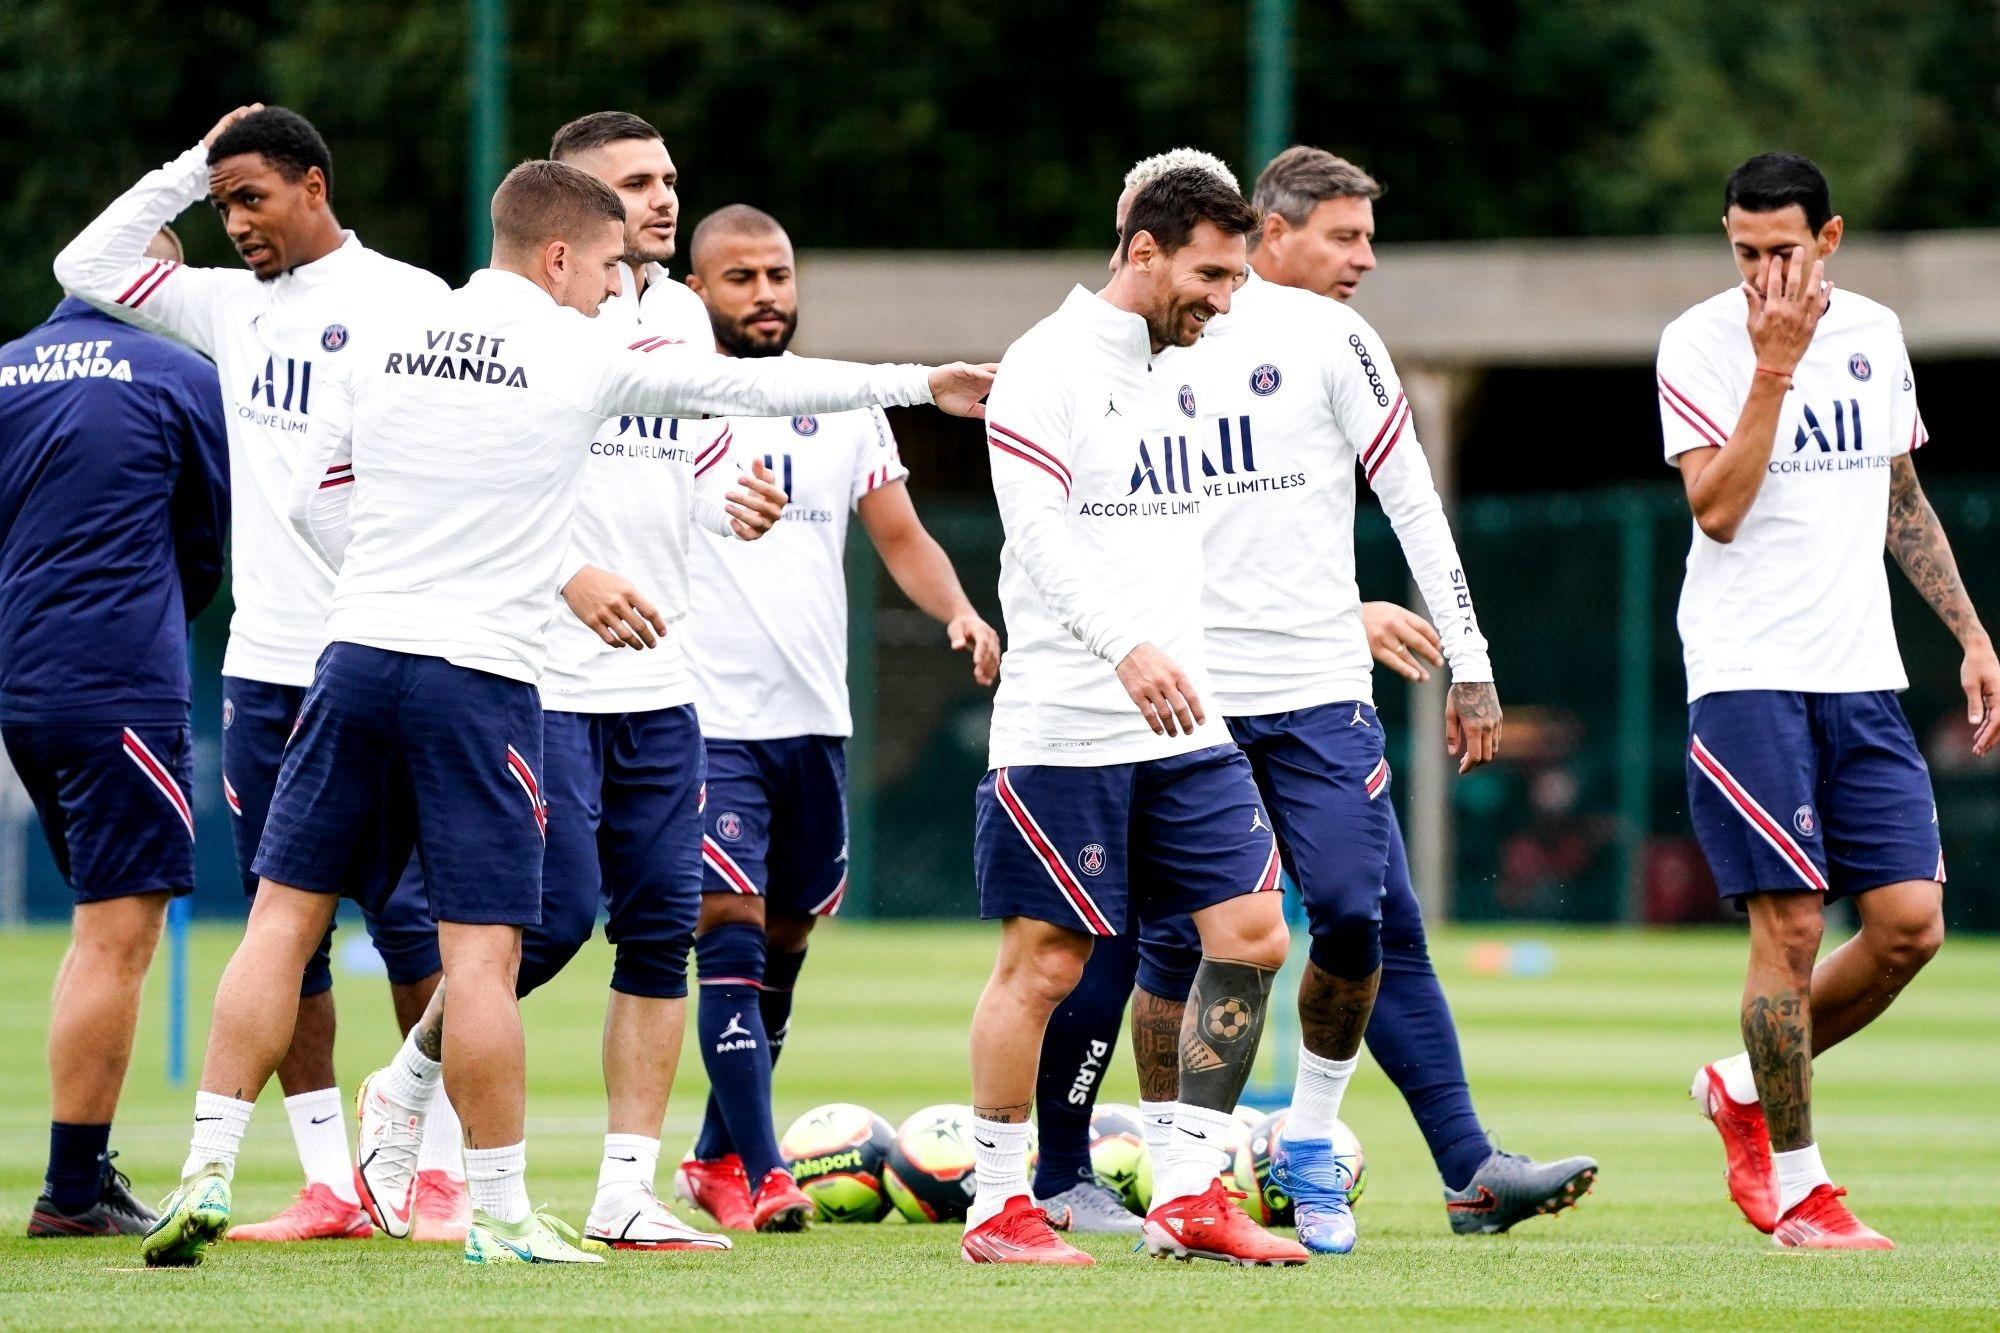 PSG/City - Messi et Verratti présents à l'entraînement ce lundi